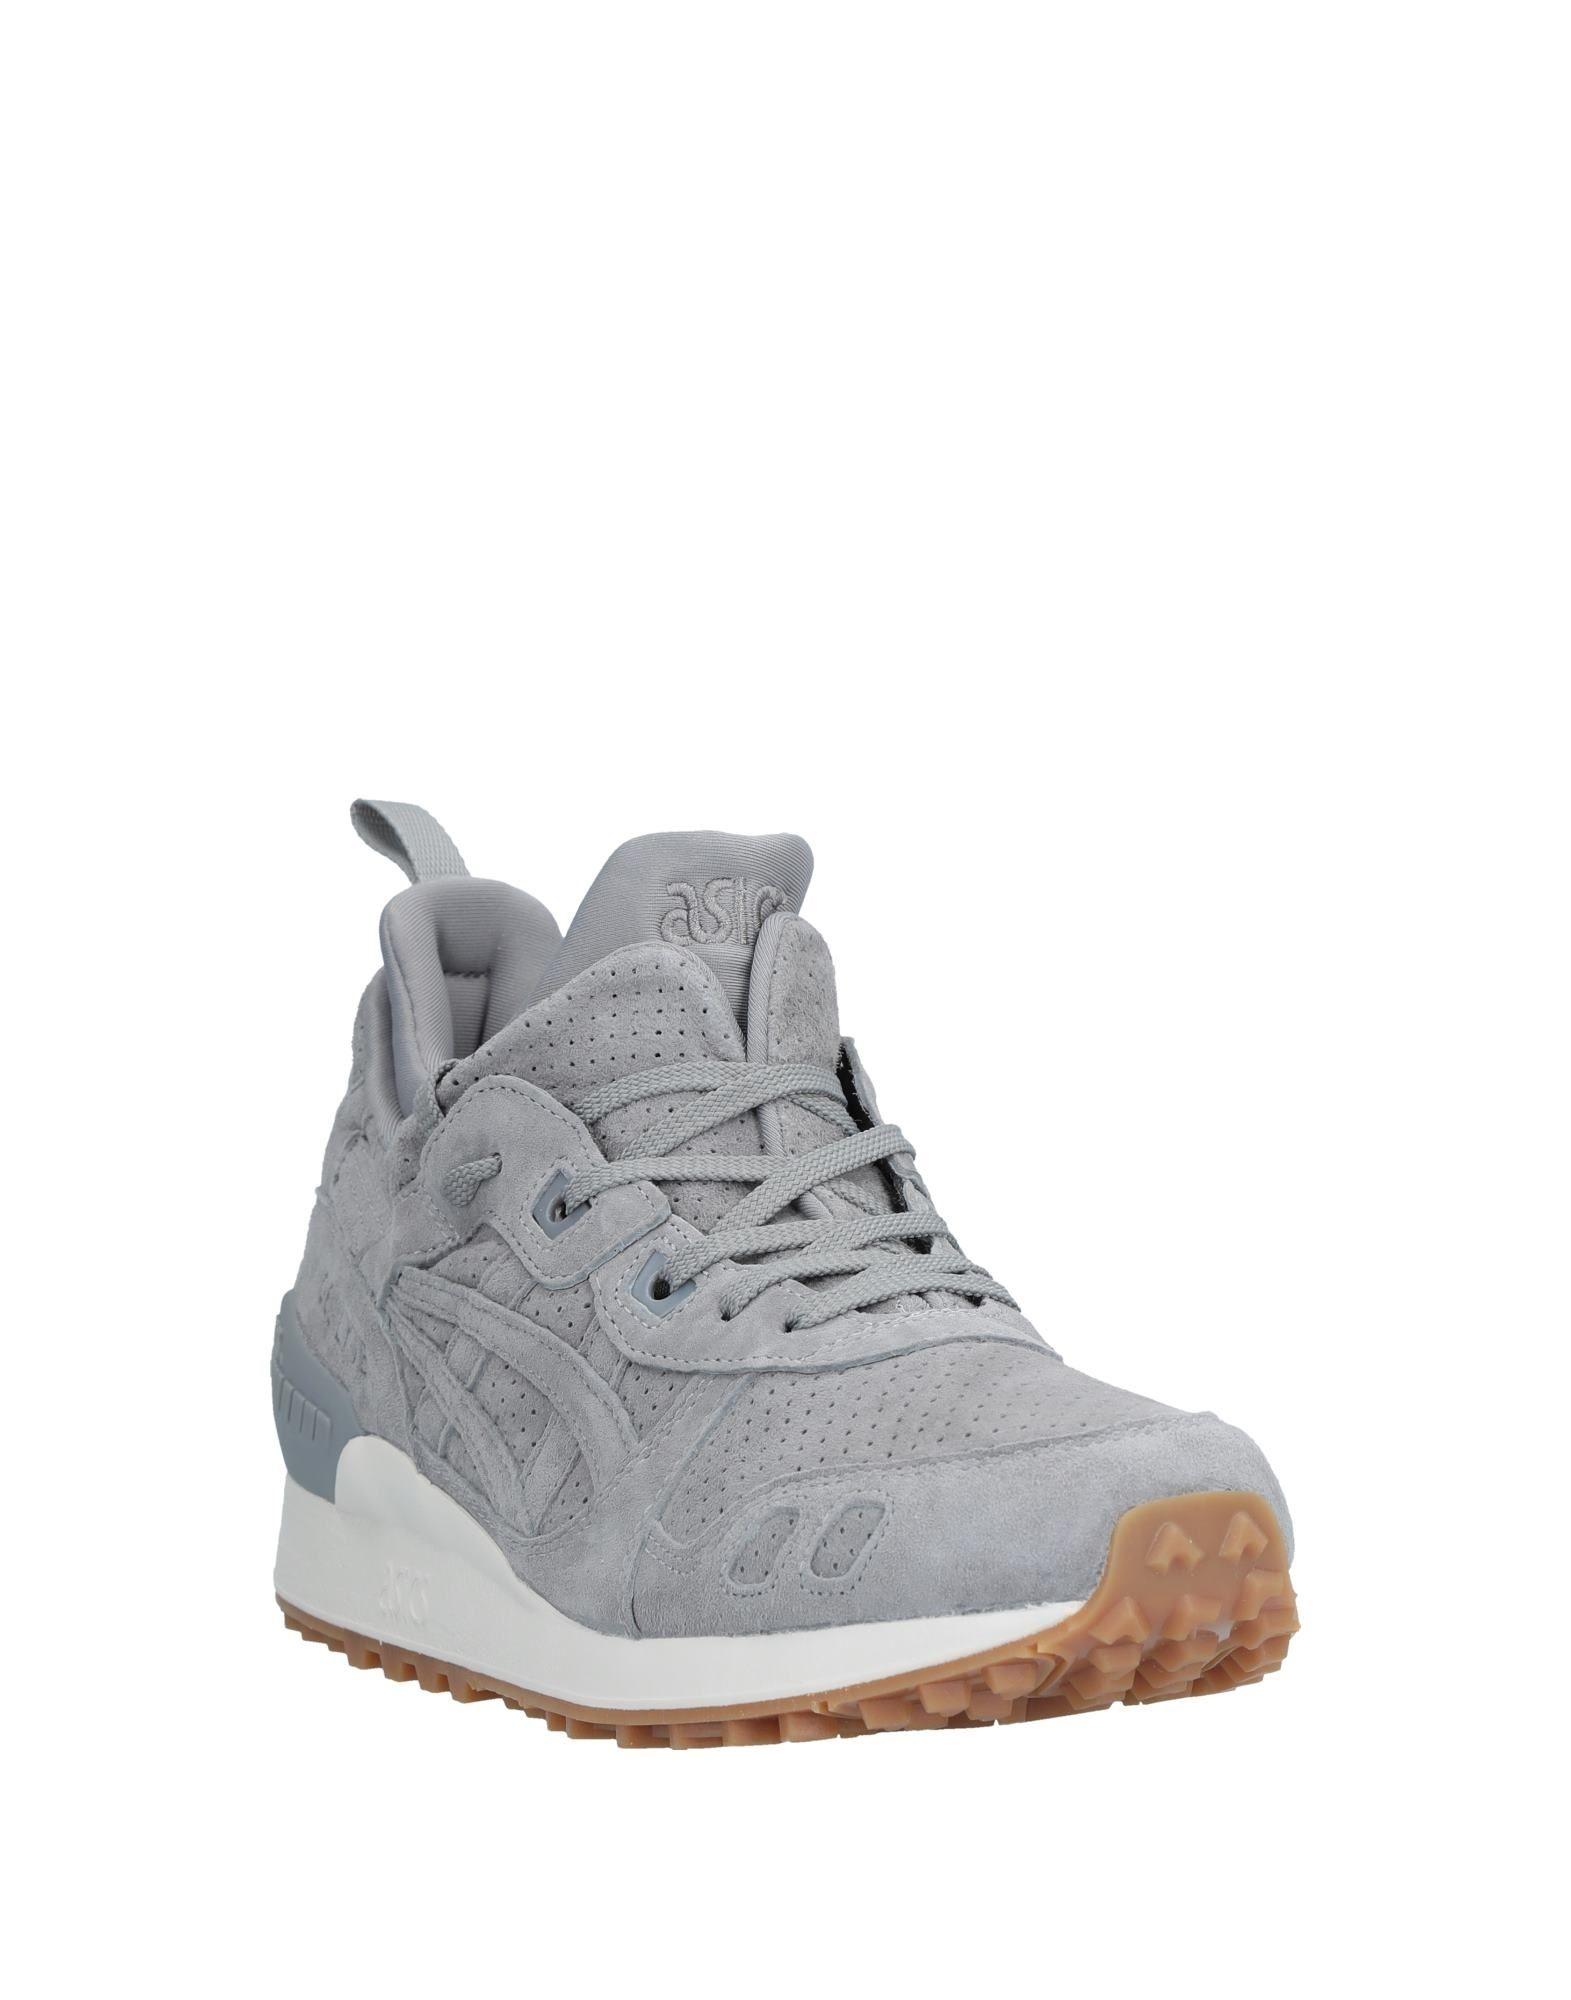 Rabatt Sneakers echte Schuhe Asics Tiger Sneakers Rabatt Herren  11535690JW 1c0698